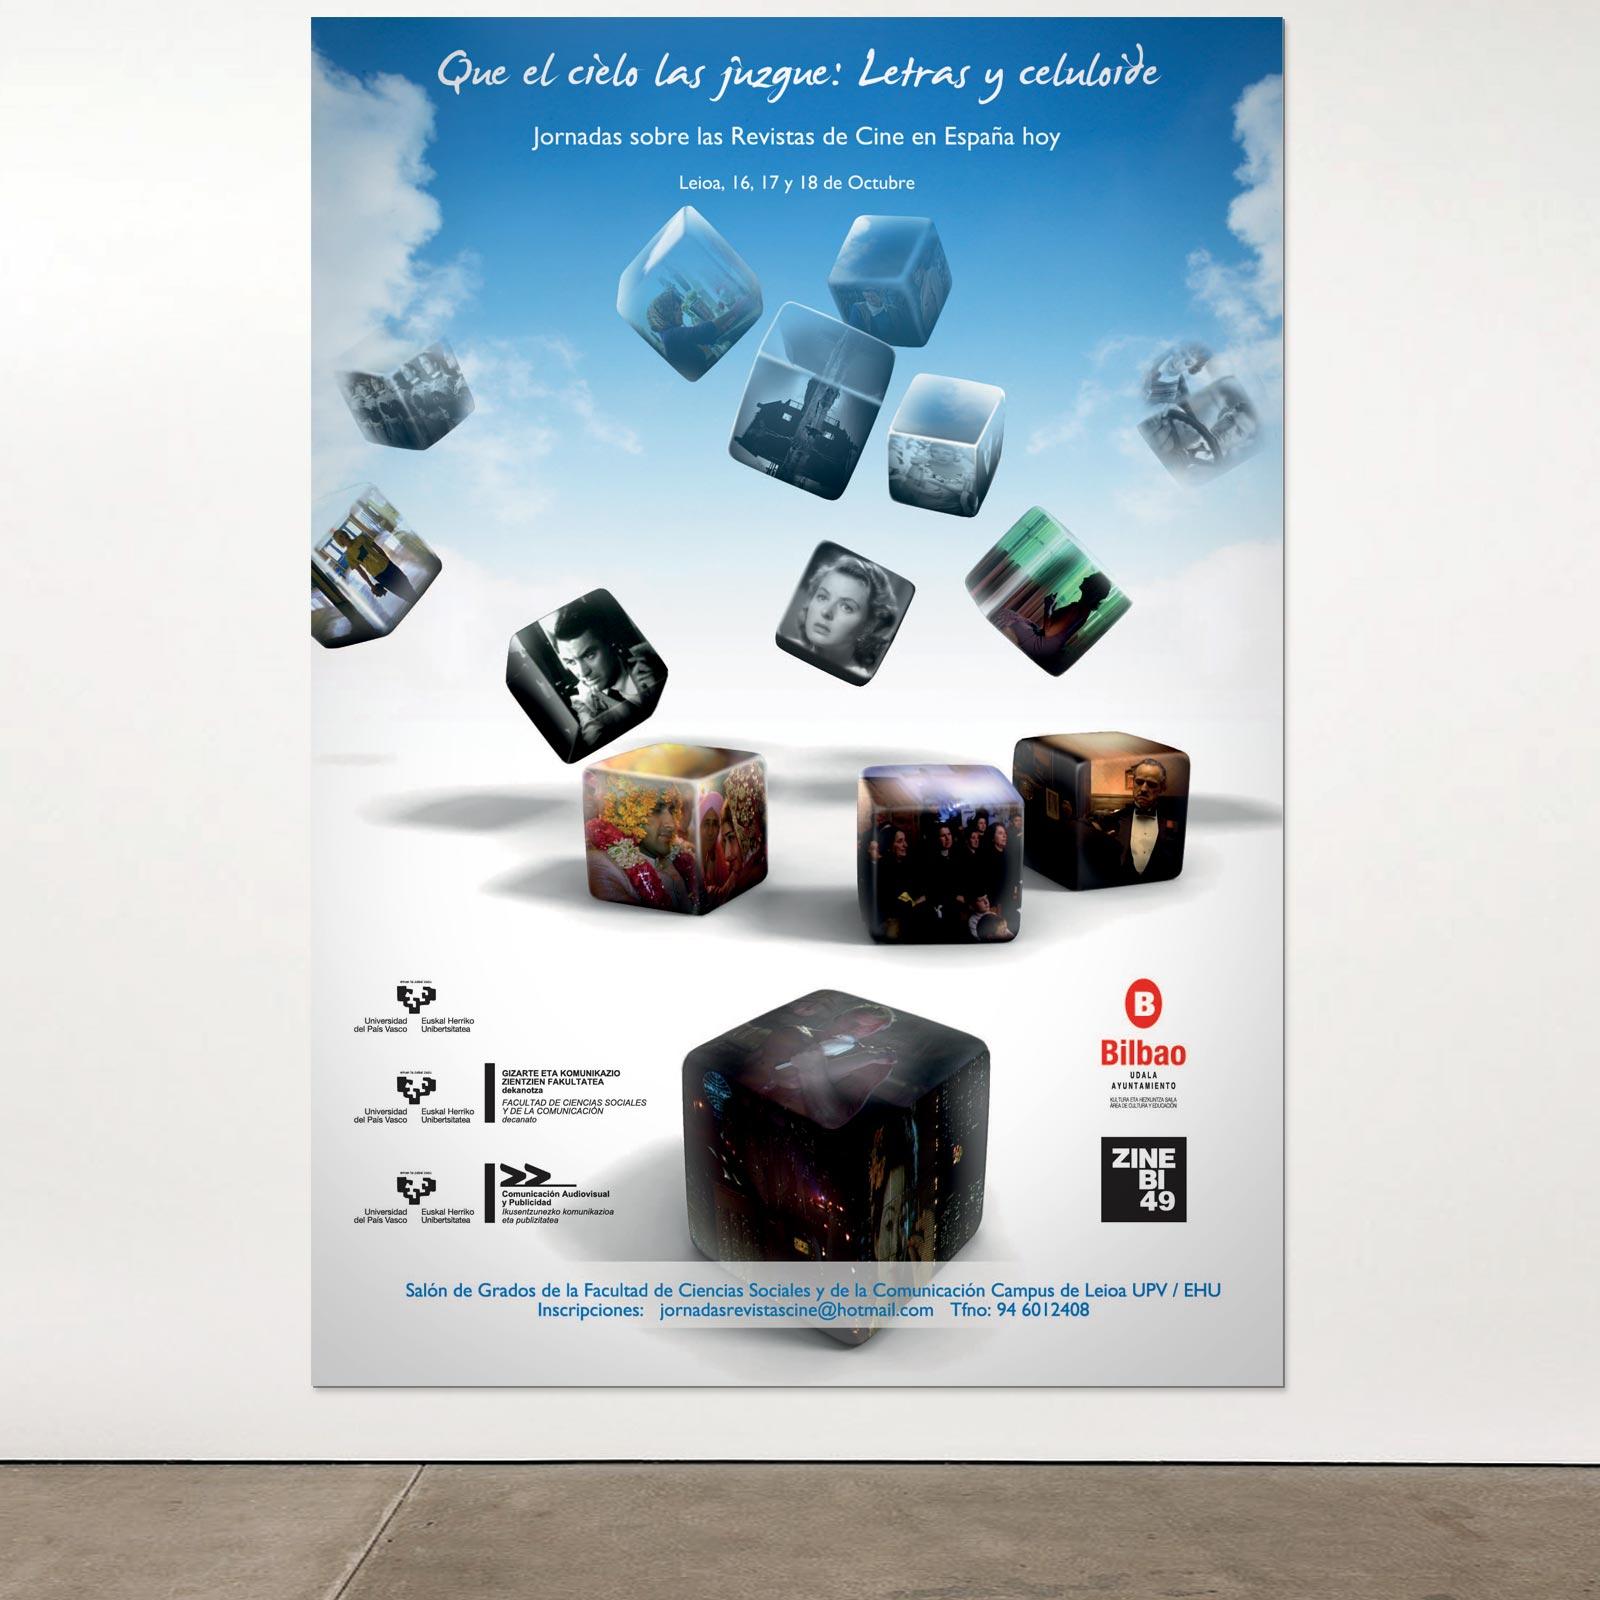 upv-poster